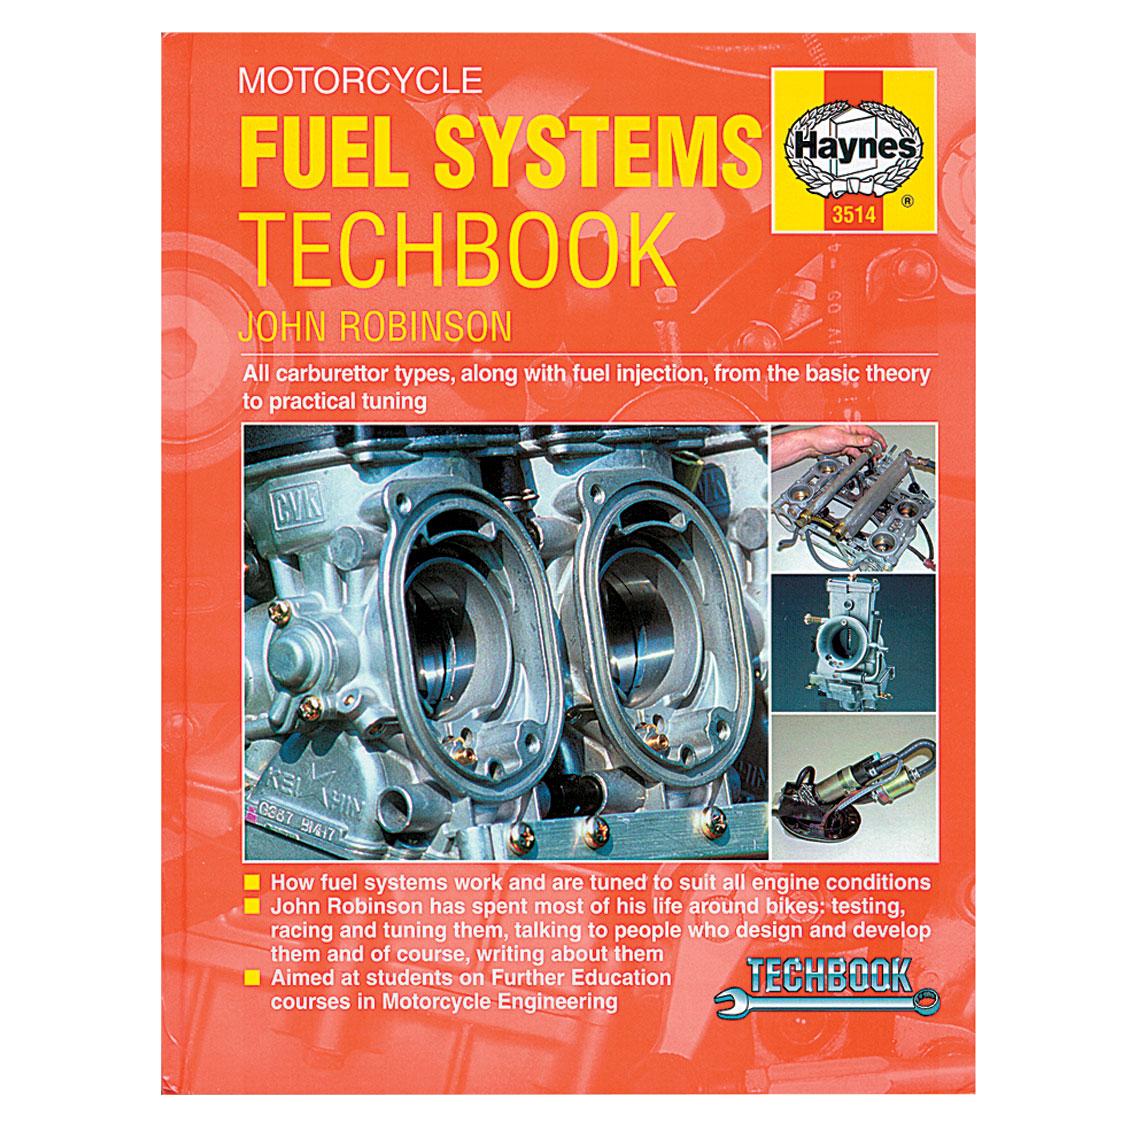 Haynes Motorcycle Fuel Systems Manual